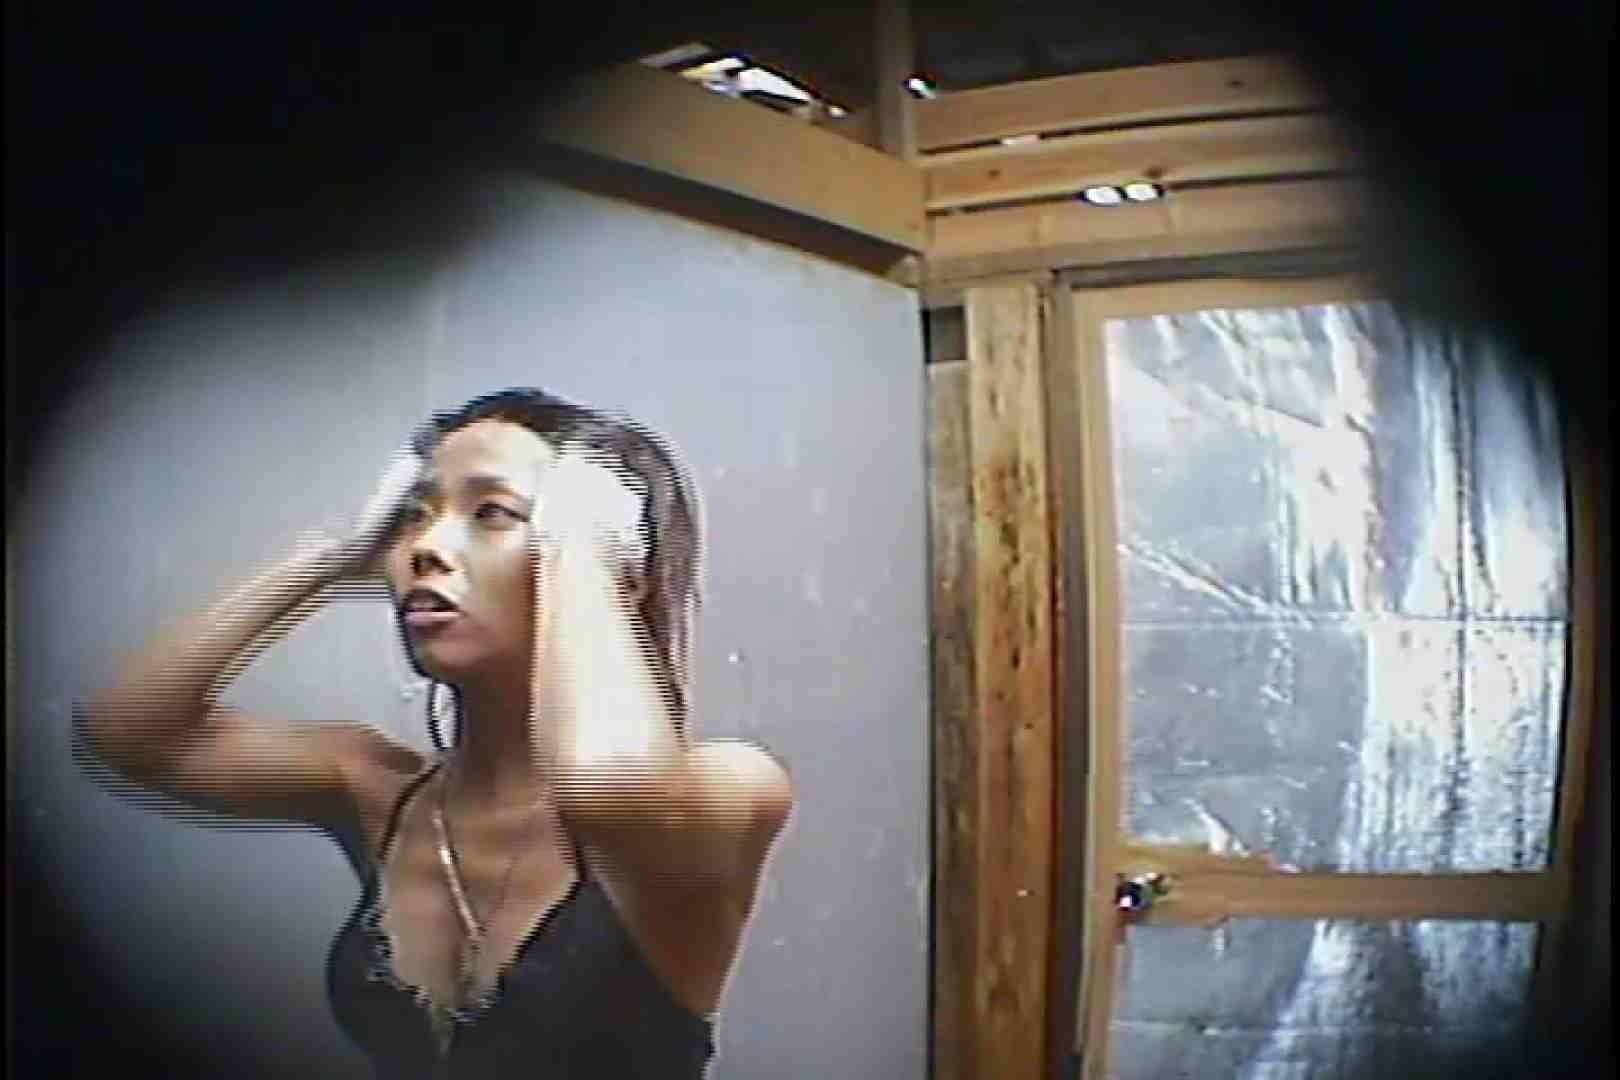 海の家の更衣室 Vol.45 美女 | シャワー  90pic 34